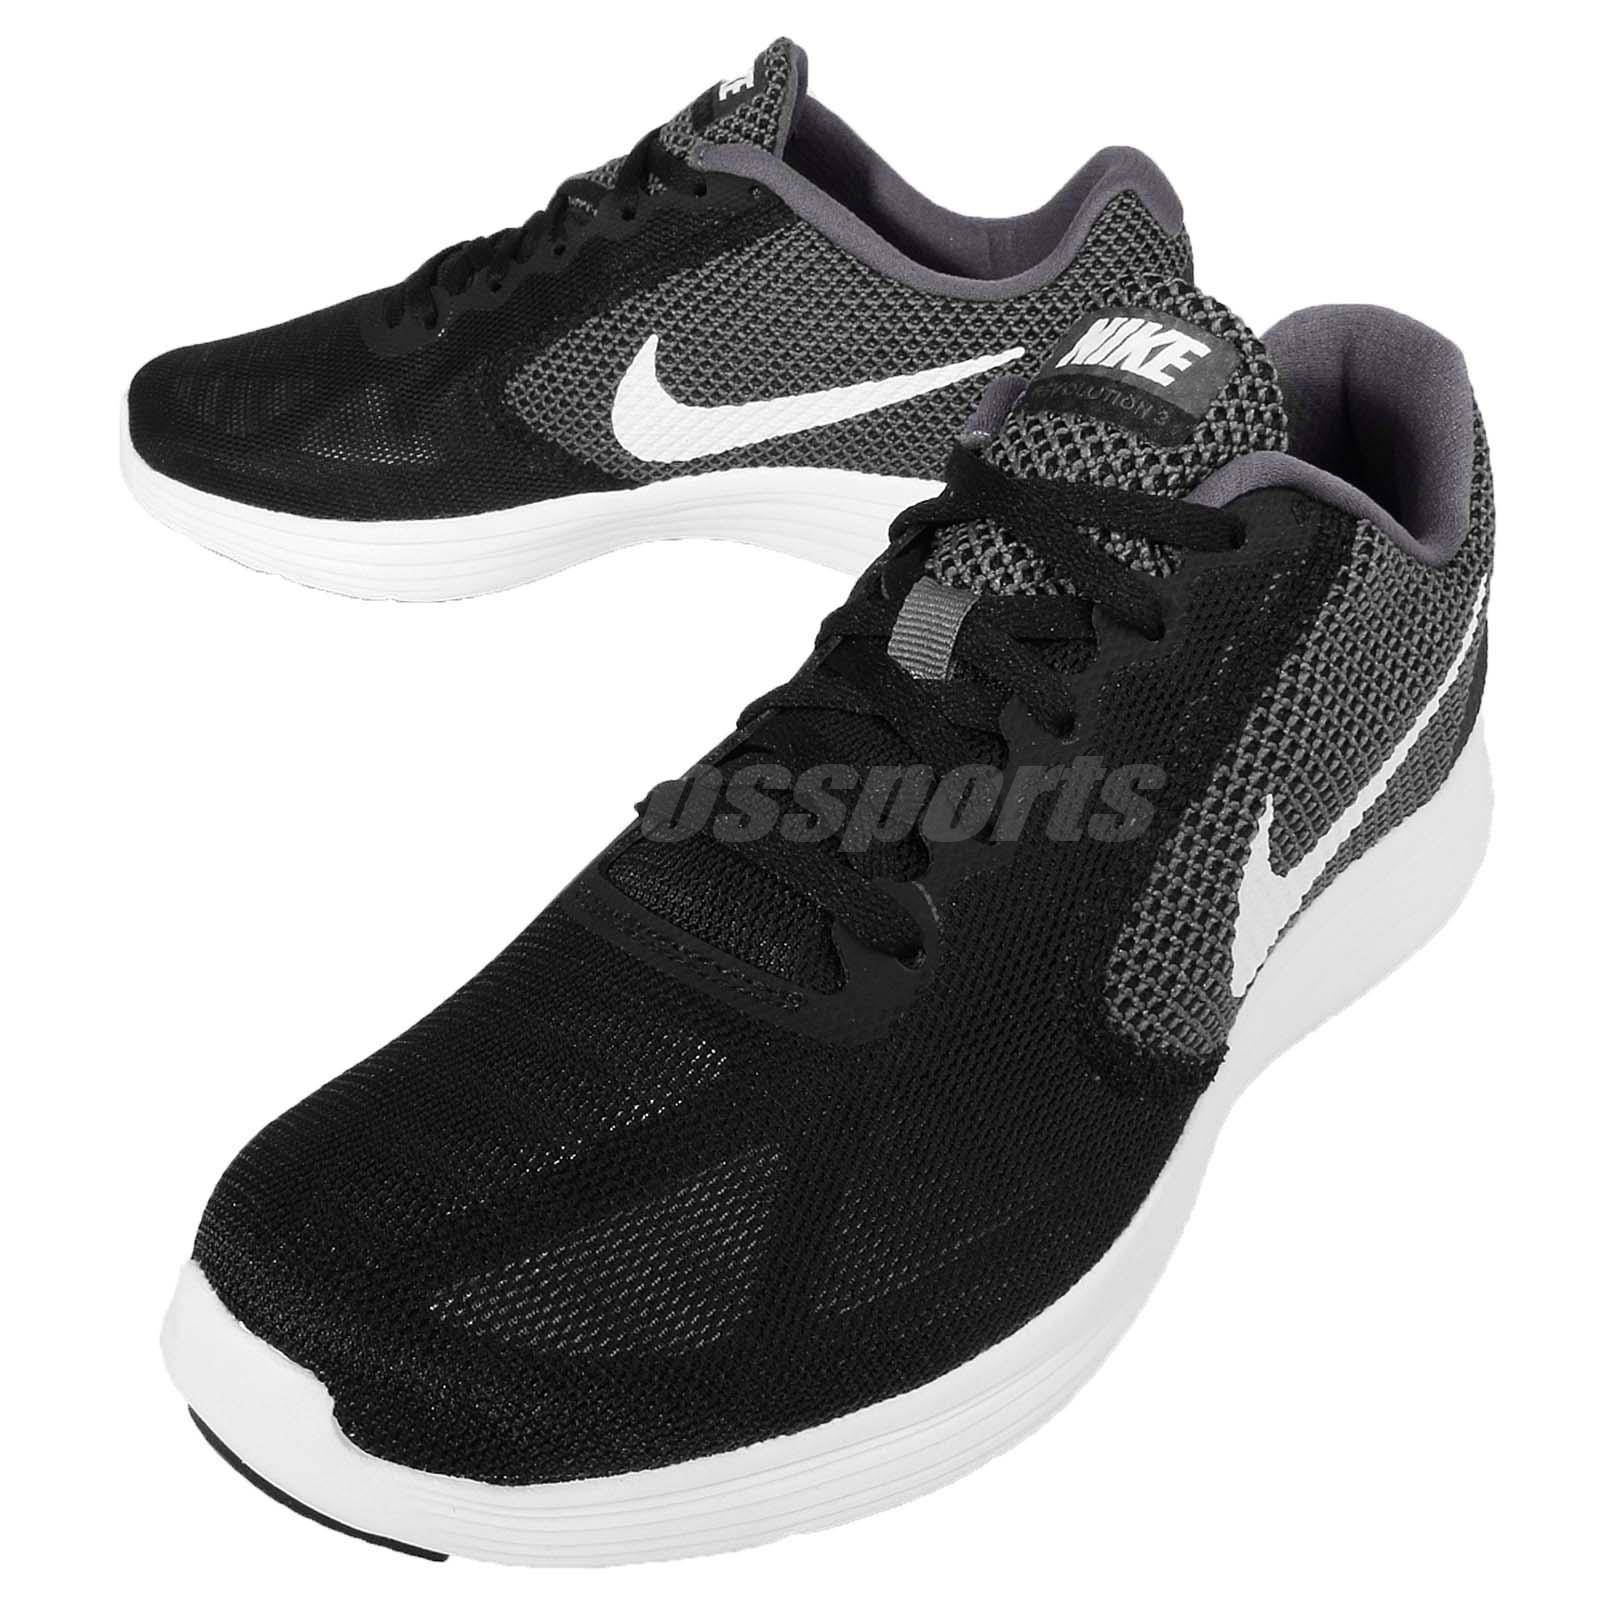 1e8d1a91cde Buy nike men s revolution 3 running shoe - 62% OFF